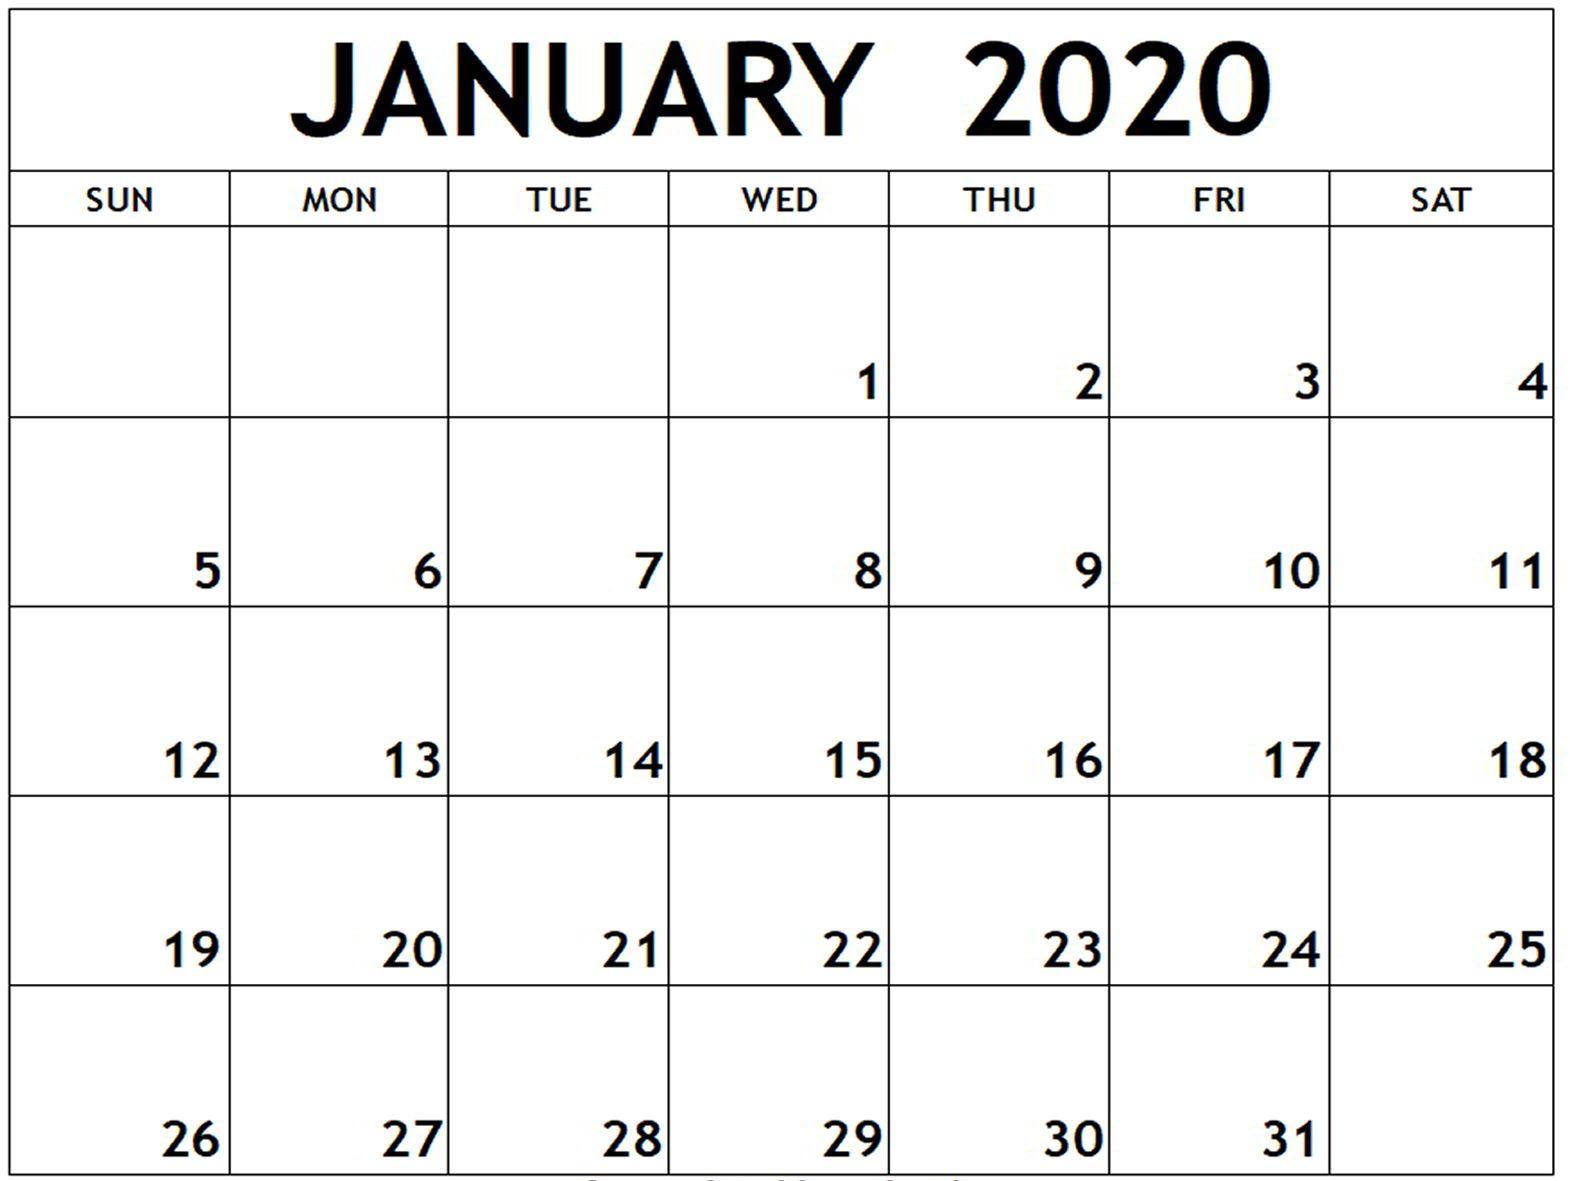 January Calendar 2020 Editable Template